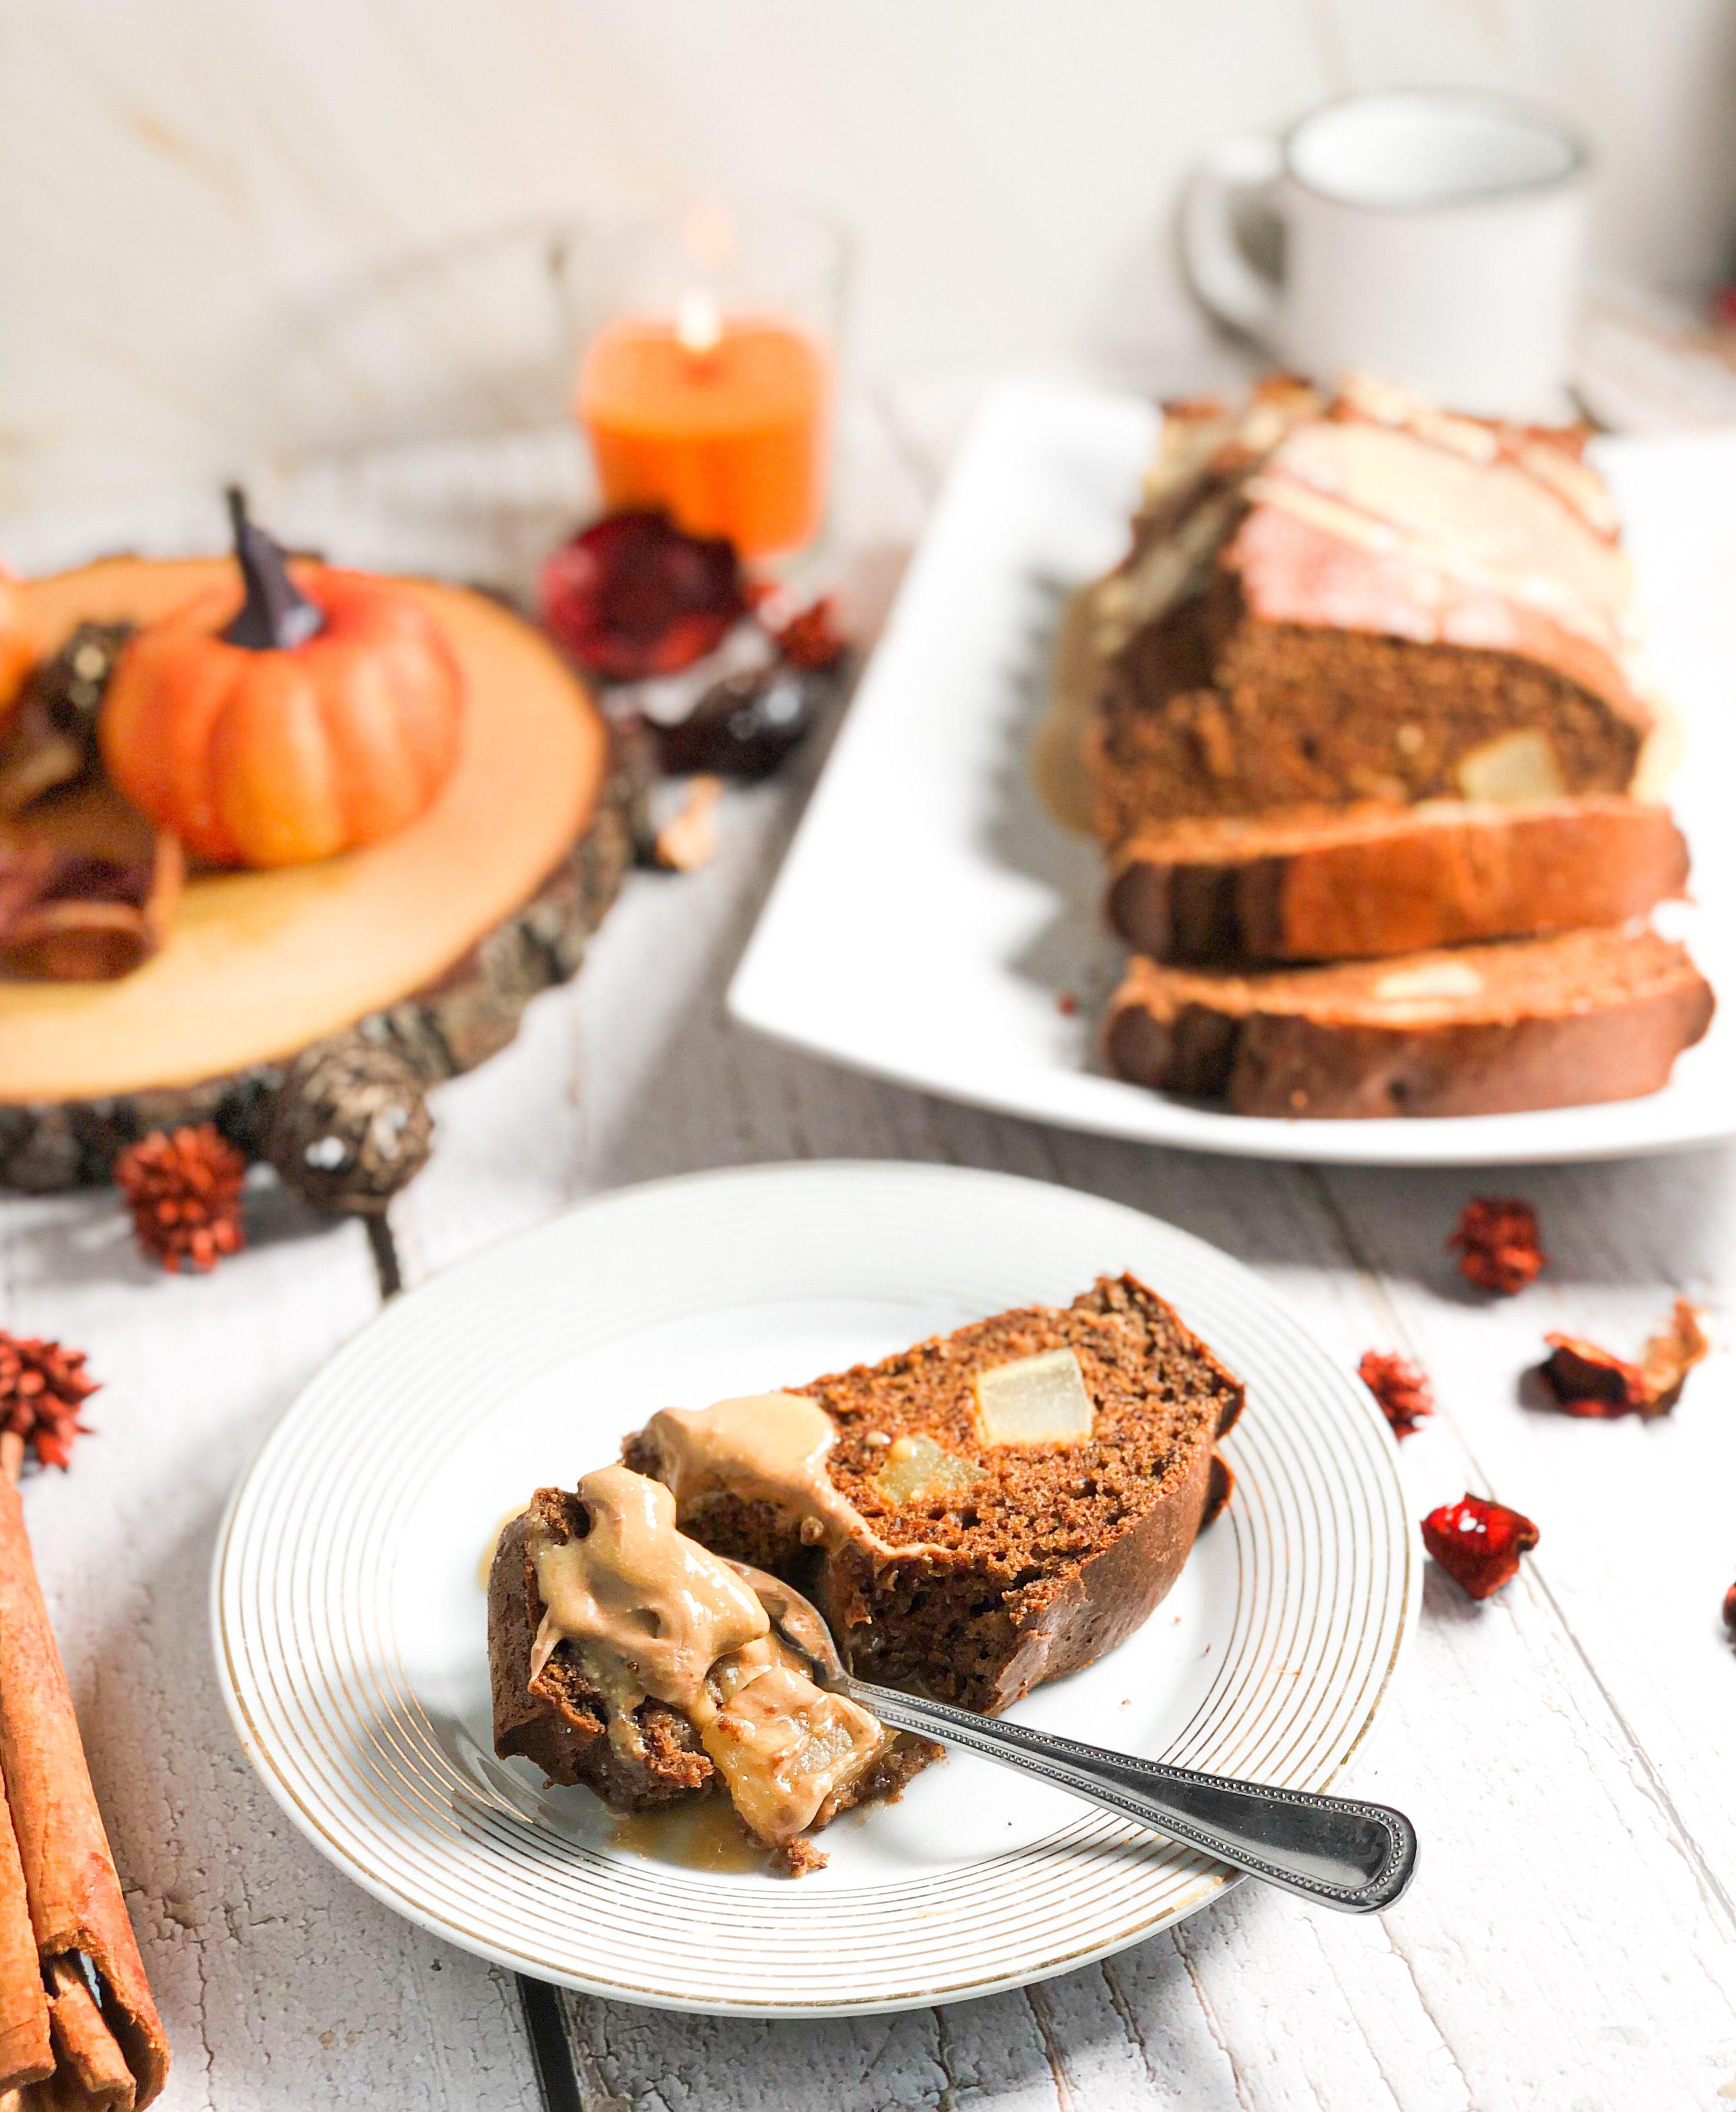 Gâteau poire amandes sans gluten